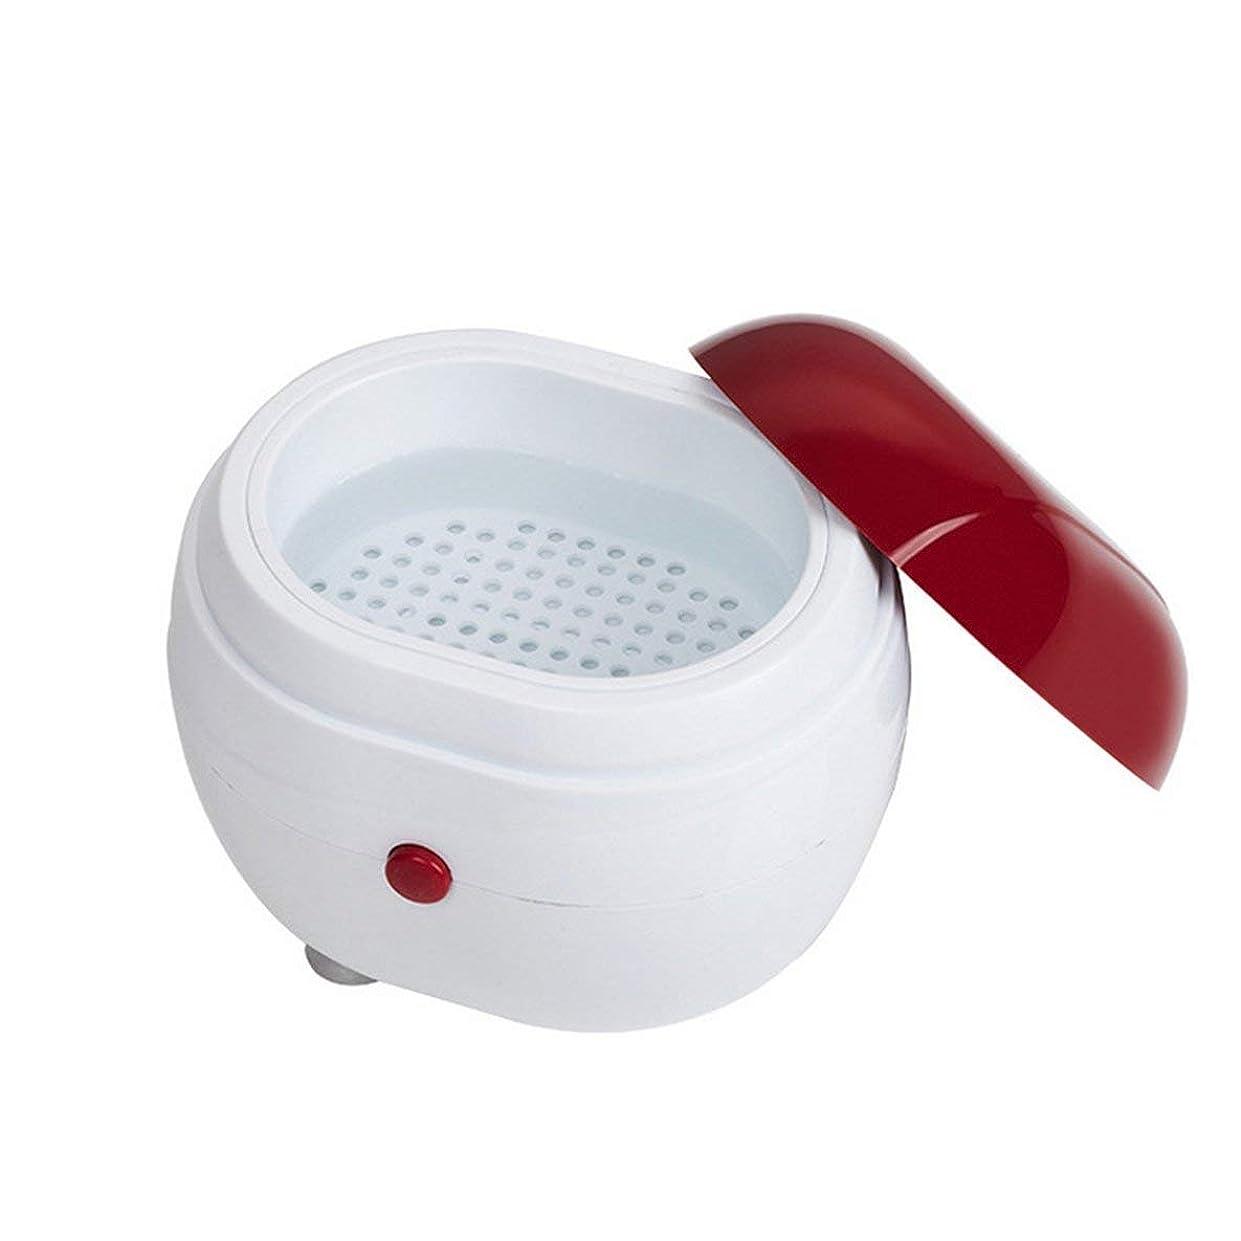 旅行代理店木材安定しましたポータブル超音波洗濯機家庭用ジュエリーレンズ時計入れ歯クリーニング機洗濯機クリーナークリーニングボックス - 赤&白